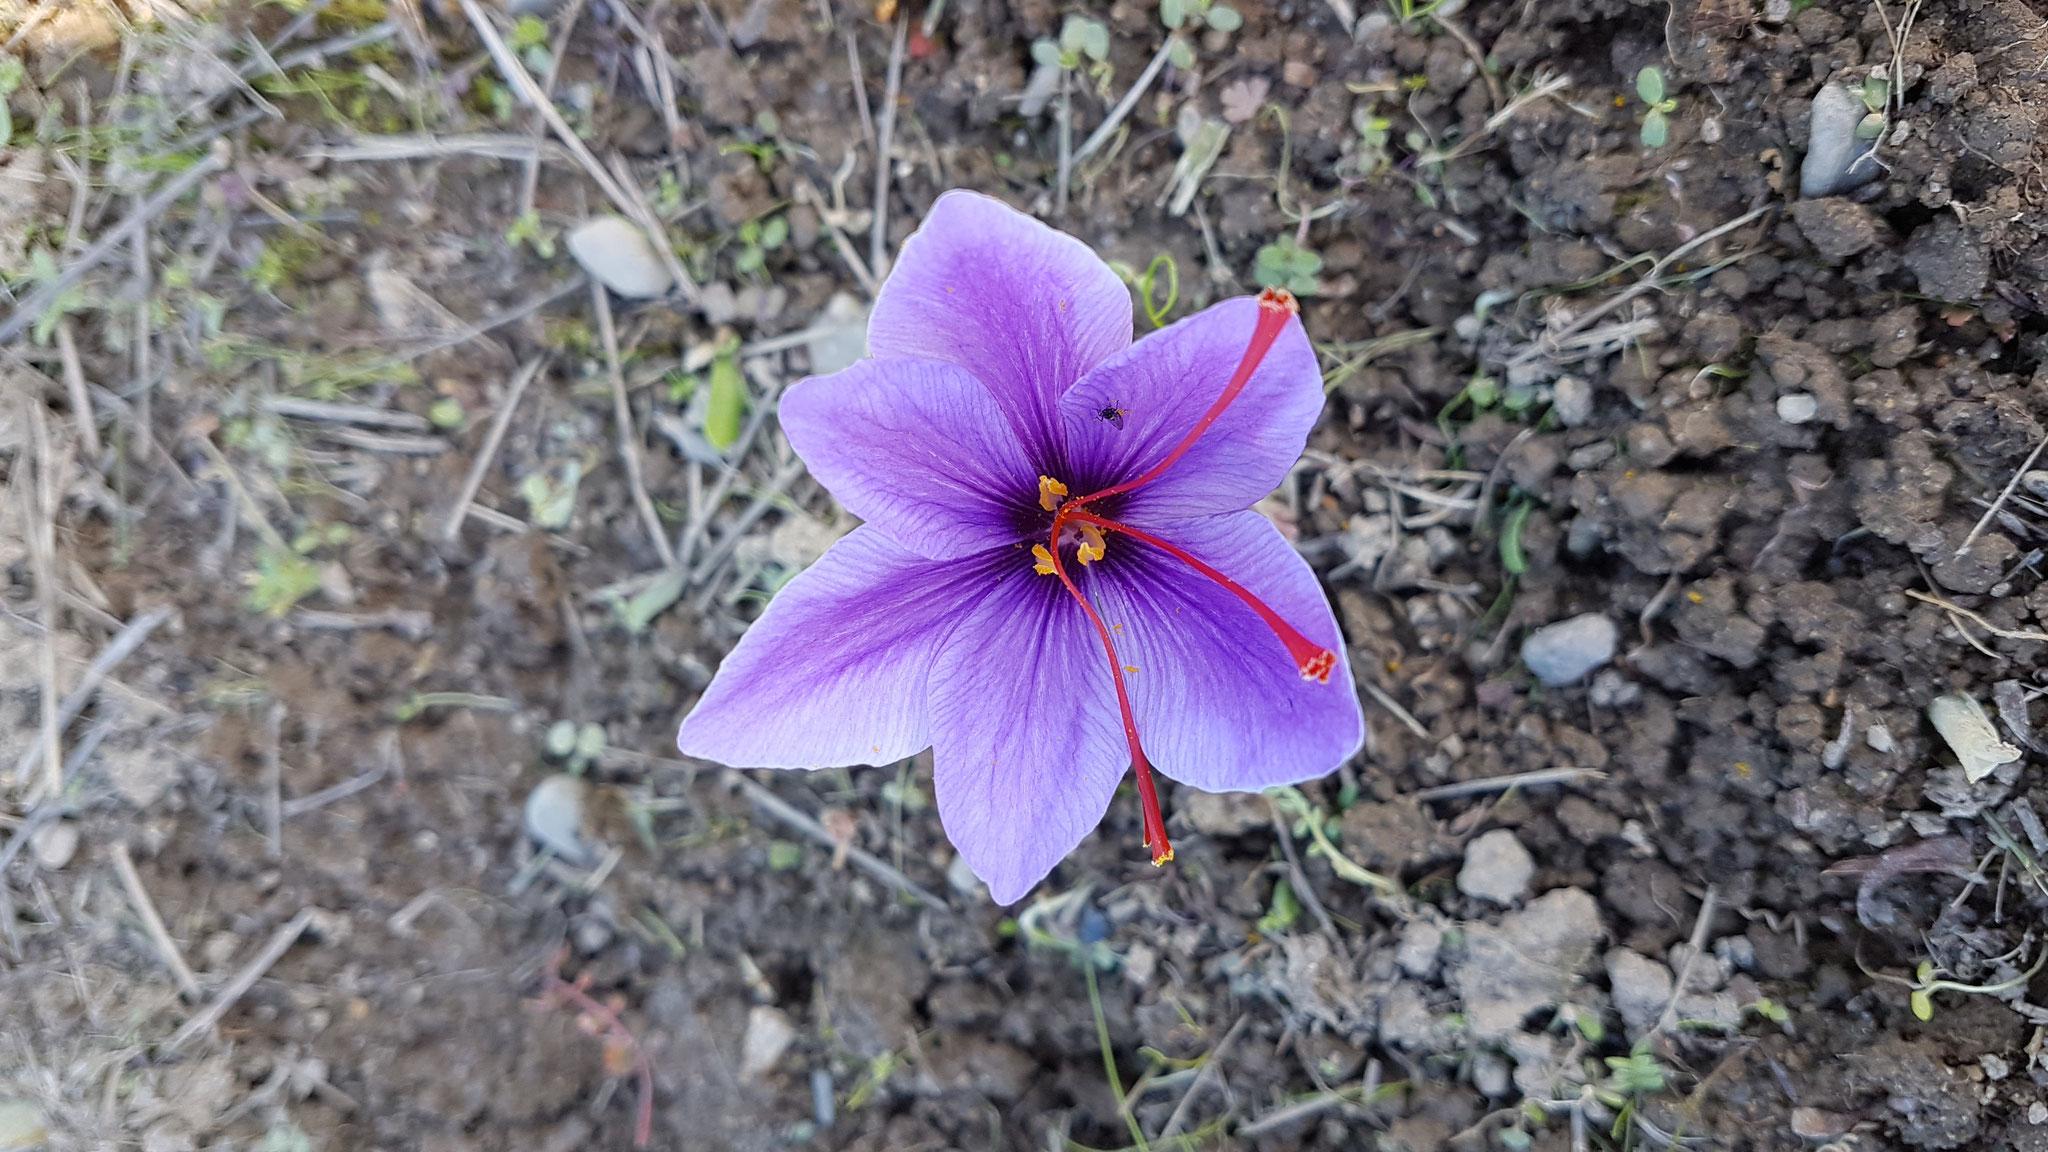 Un peu de patience, beaucoup d'Amour...le bulbe devrait laisser apparaître une fleur de safran dès cet automne